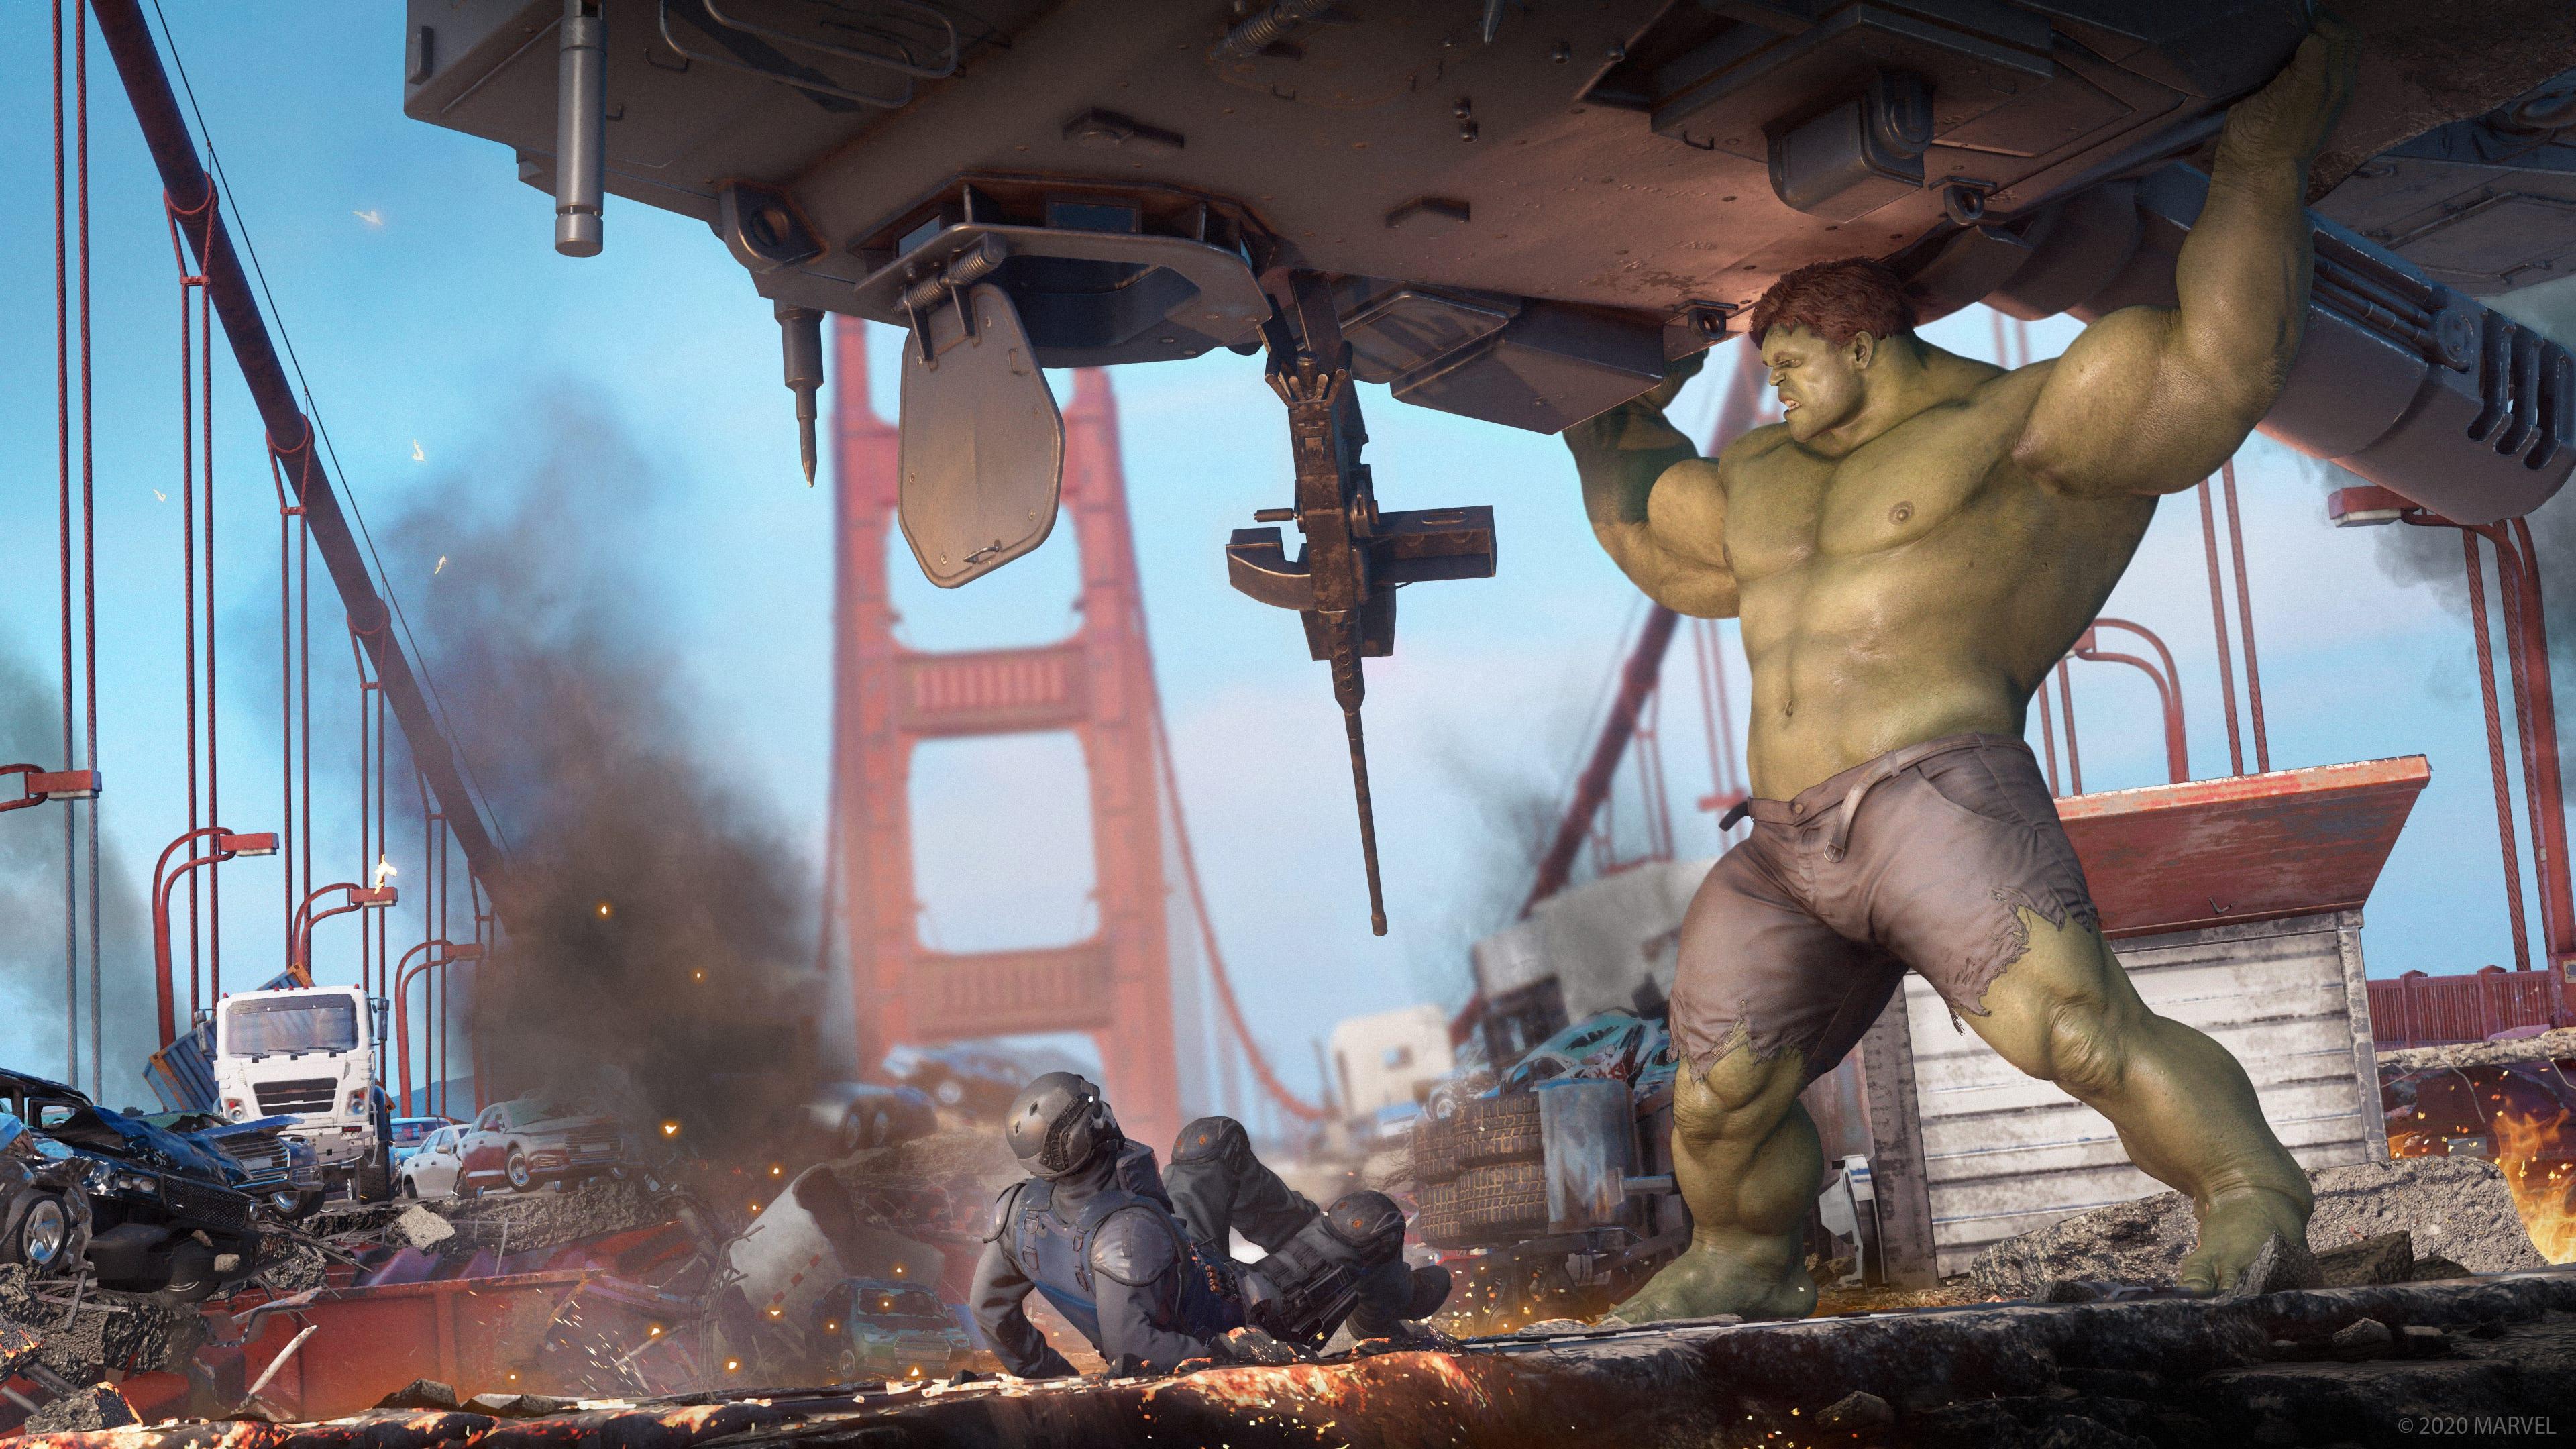 Marvel's Avengers - Hulk